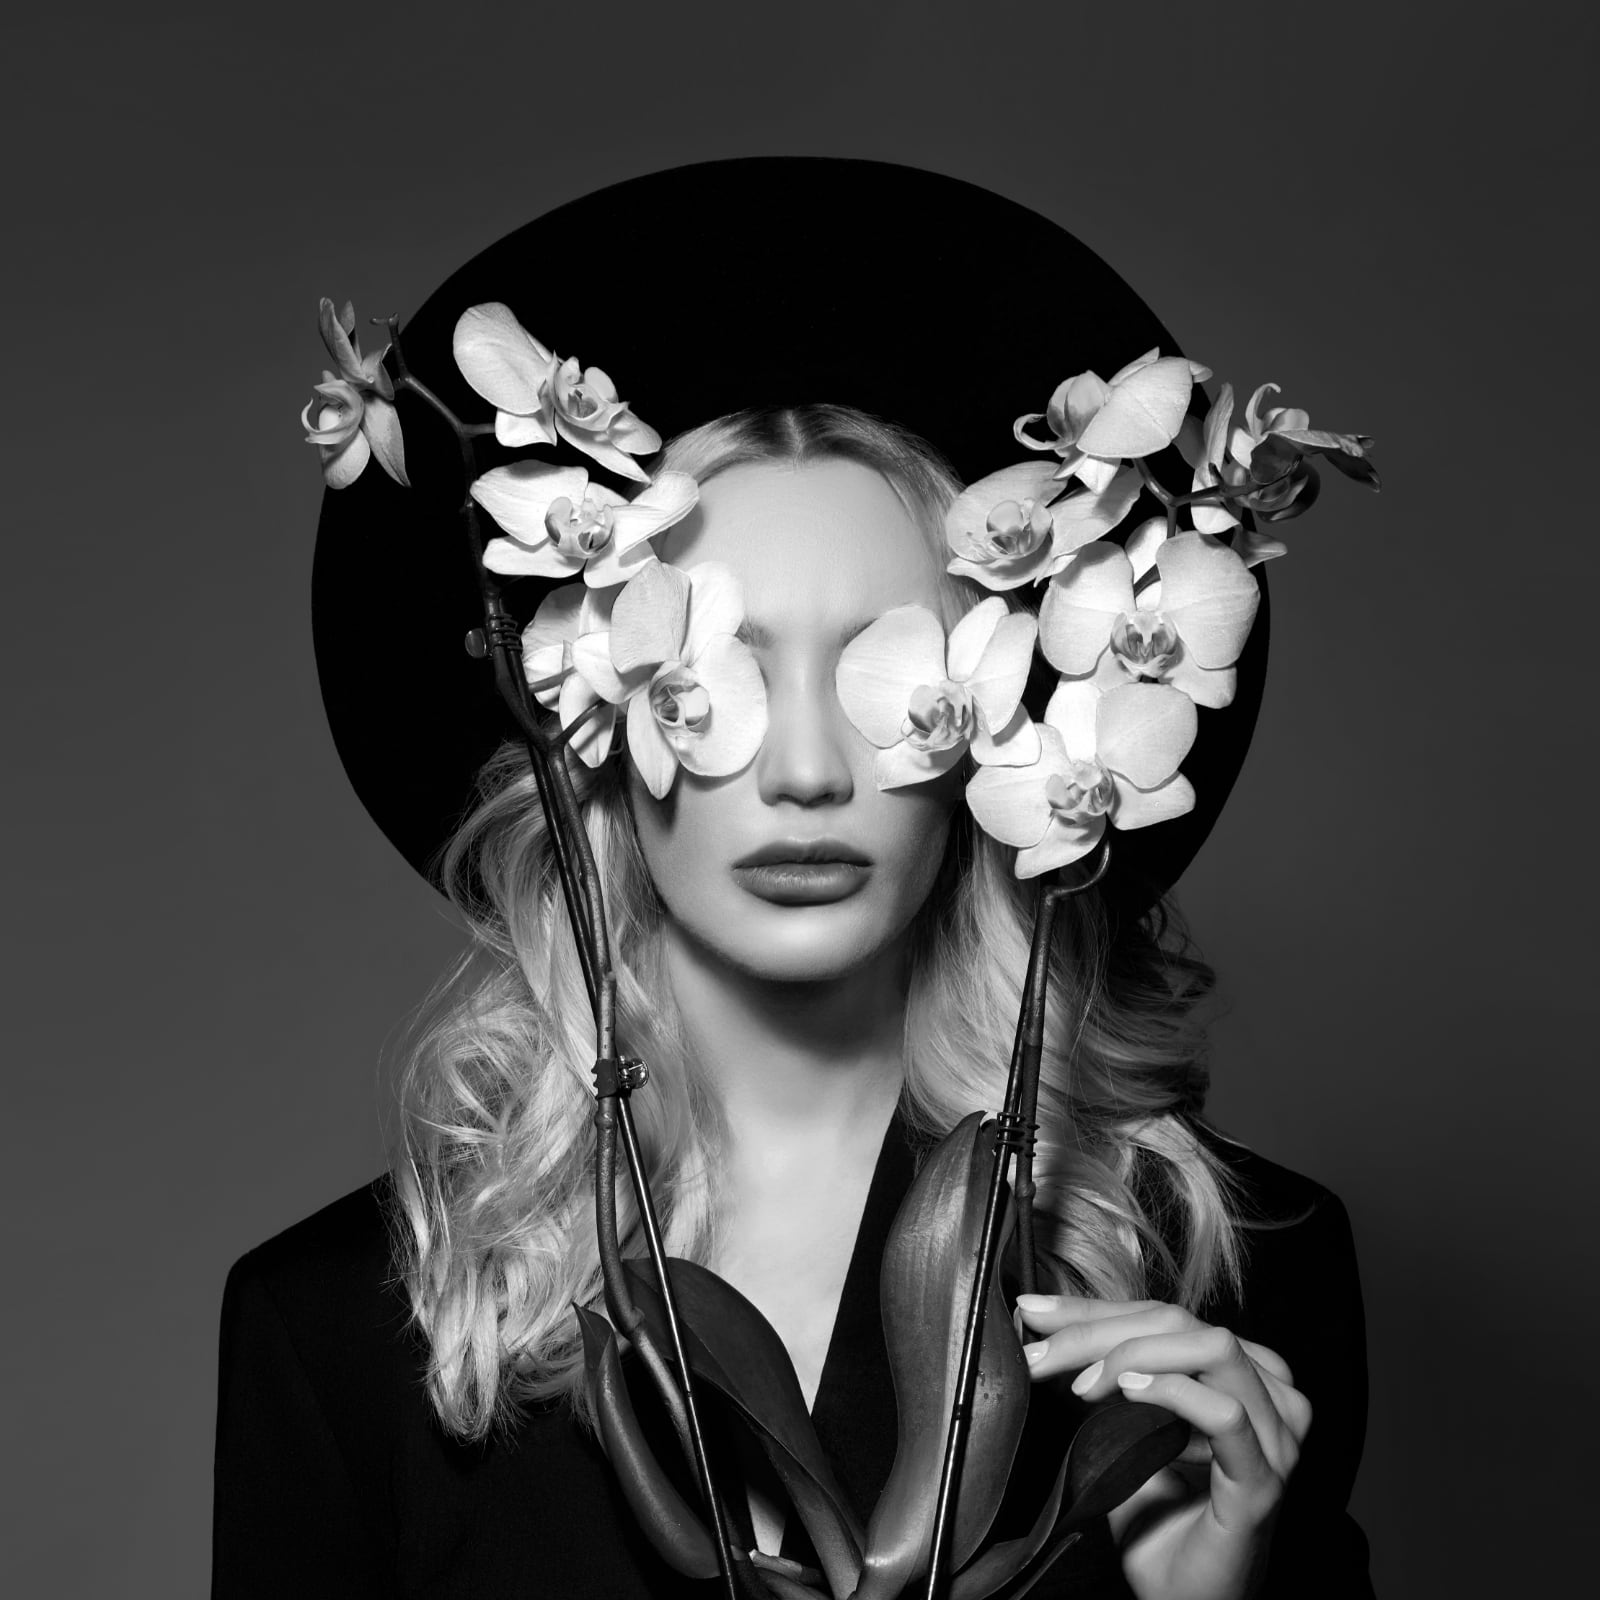 portret in zwart-wit van jonge blonde vrouw met hoed en twee orchidee's voor haar ogen